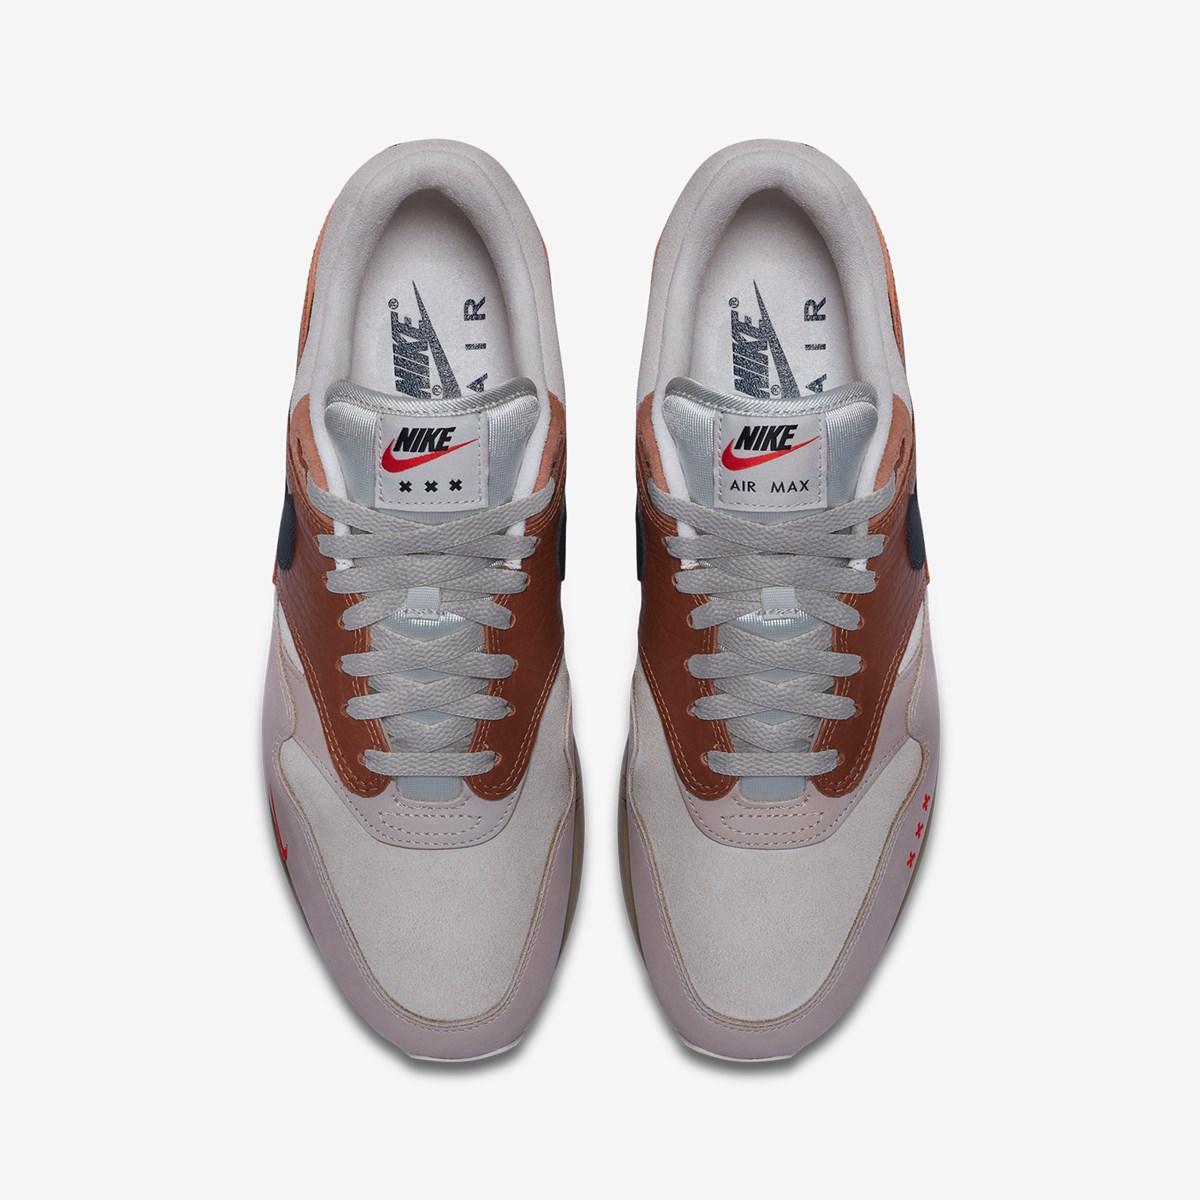 """Nike Air Max 1 """"Amsterdam"""" - Cv1638-200 - SNS   sneakers & streetwear online since 1999"""